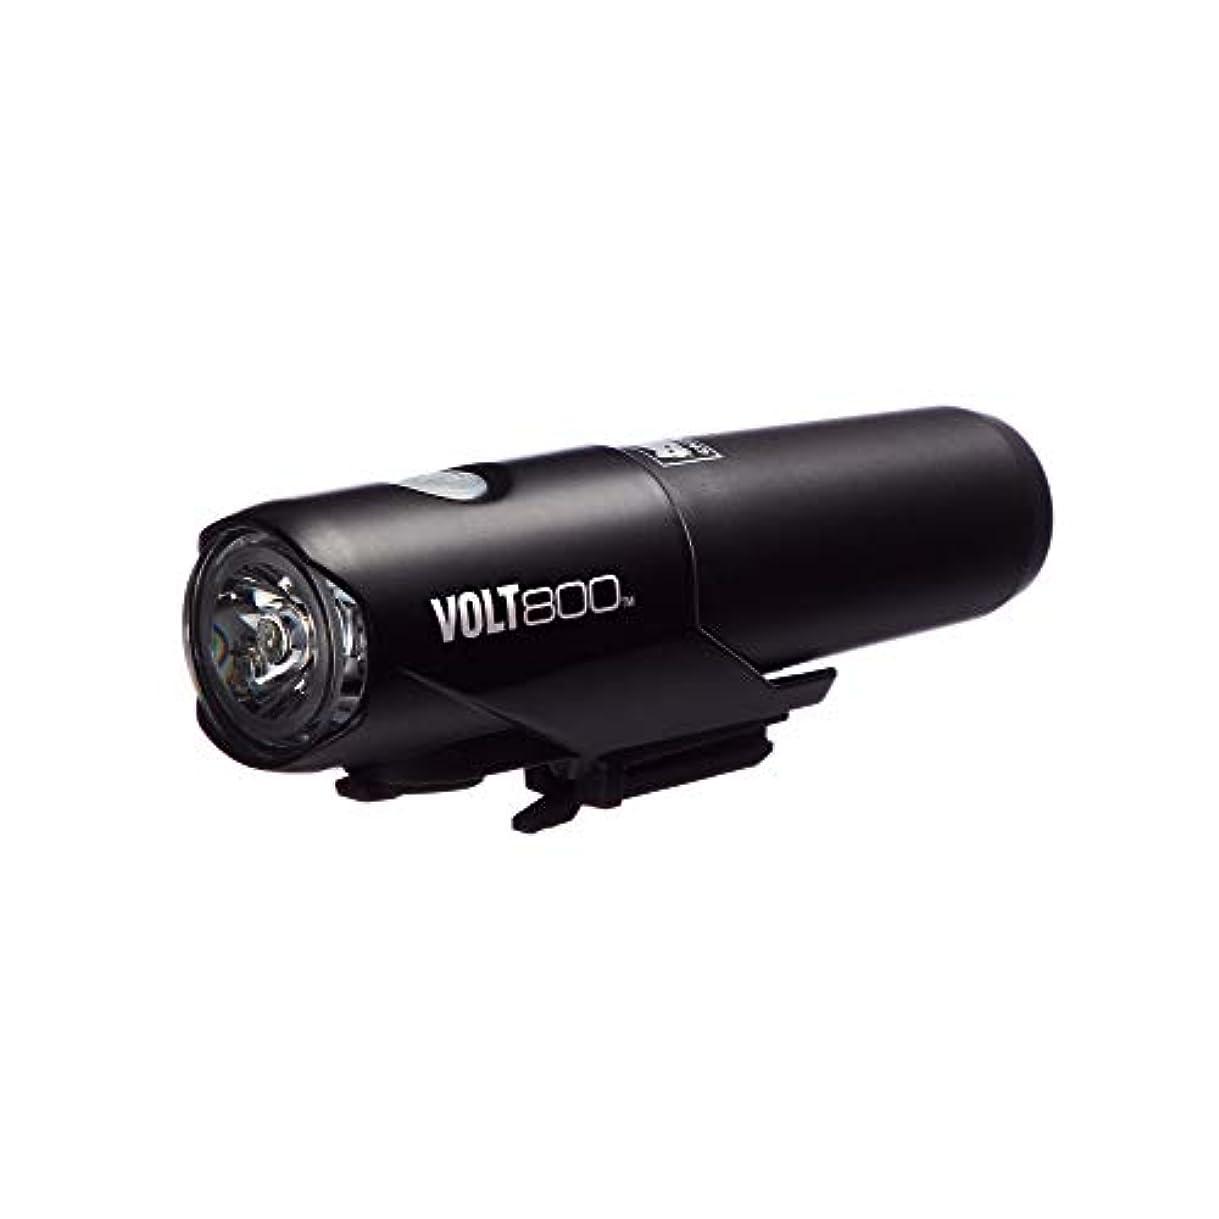 のぞき穴行アンビエントCateye None Volt 800 Bike Light - Front (Default, Black) by Generic